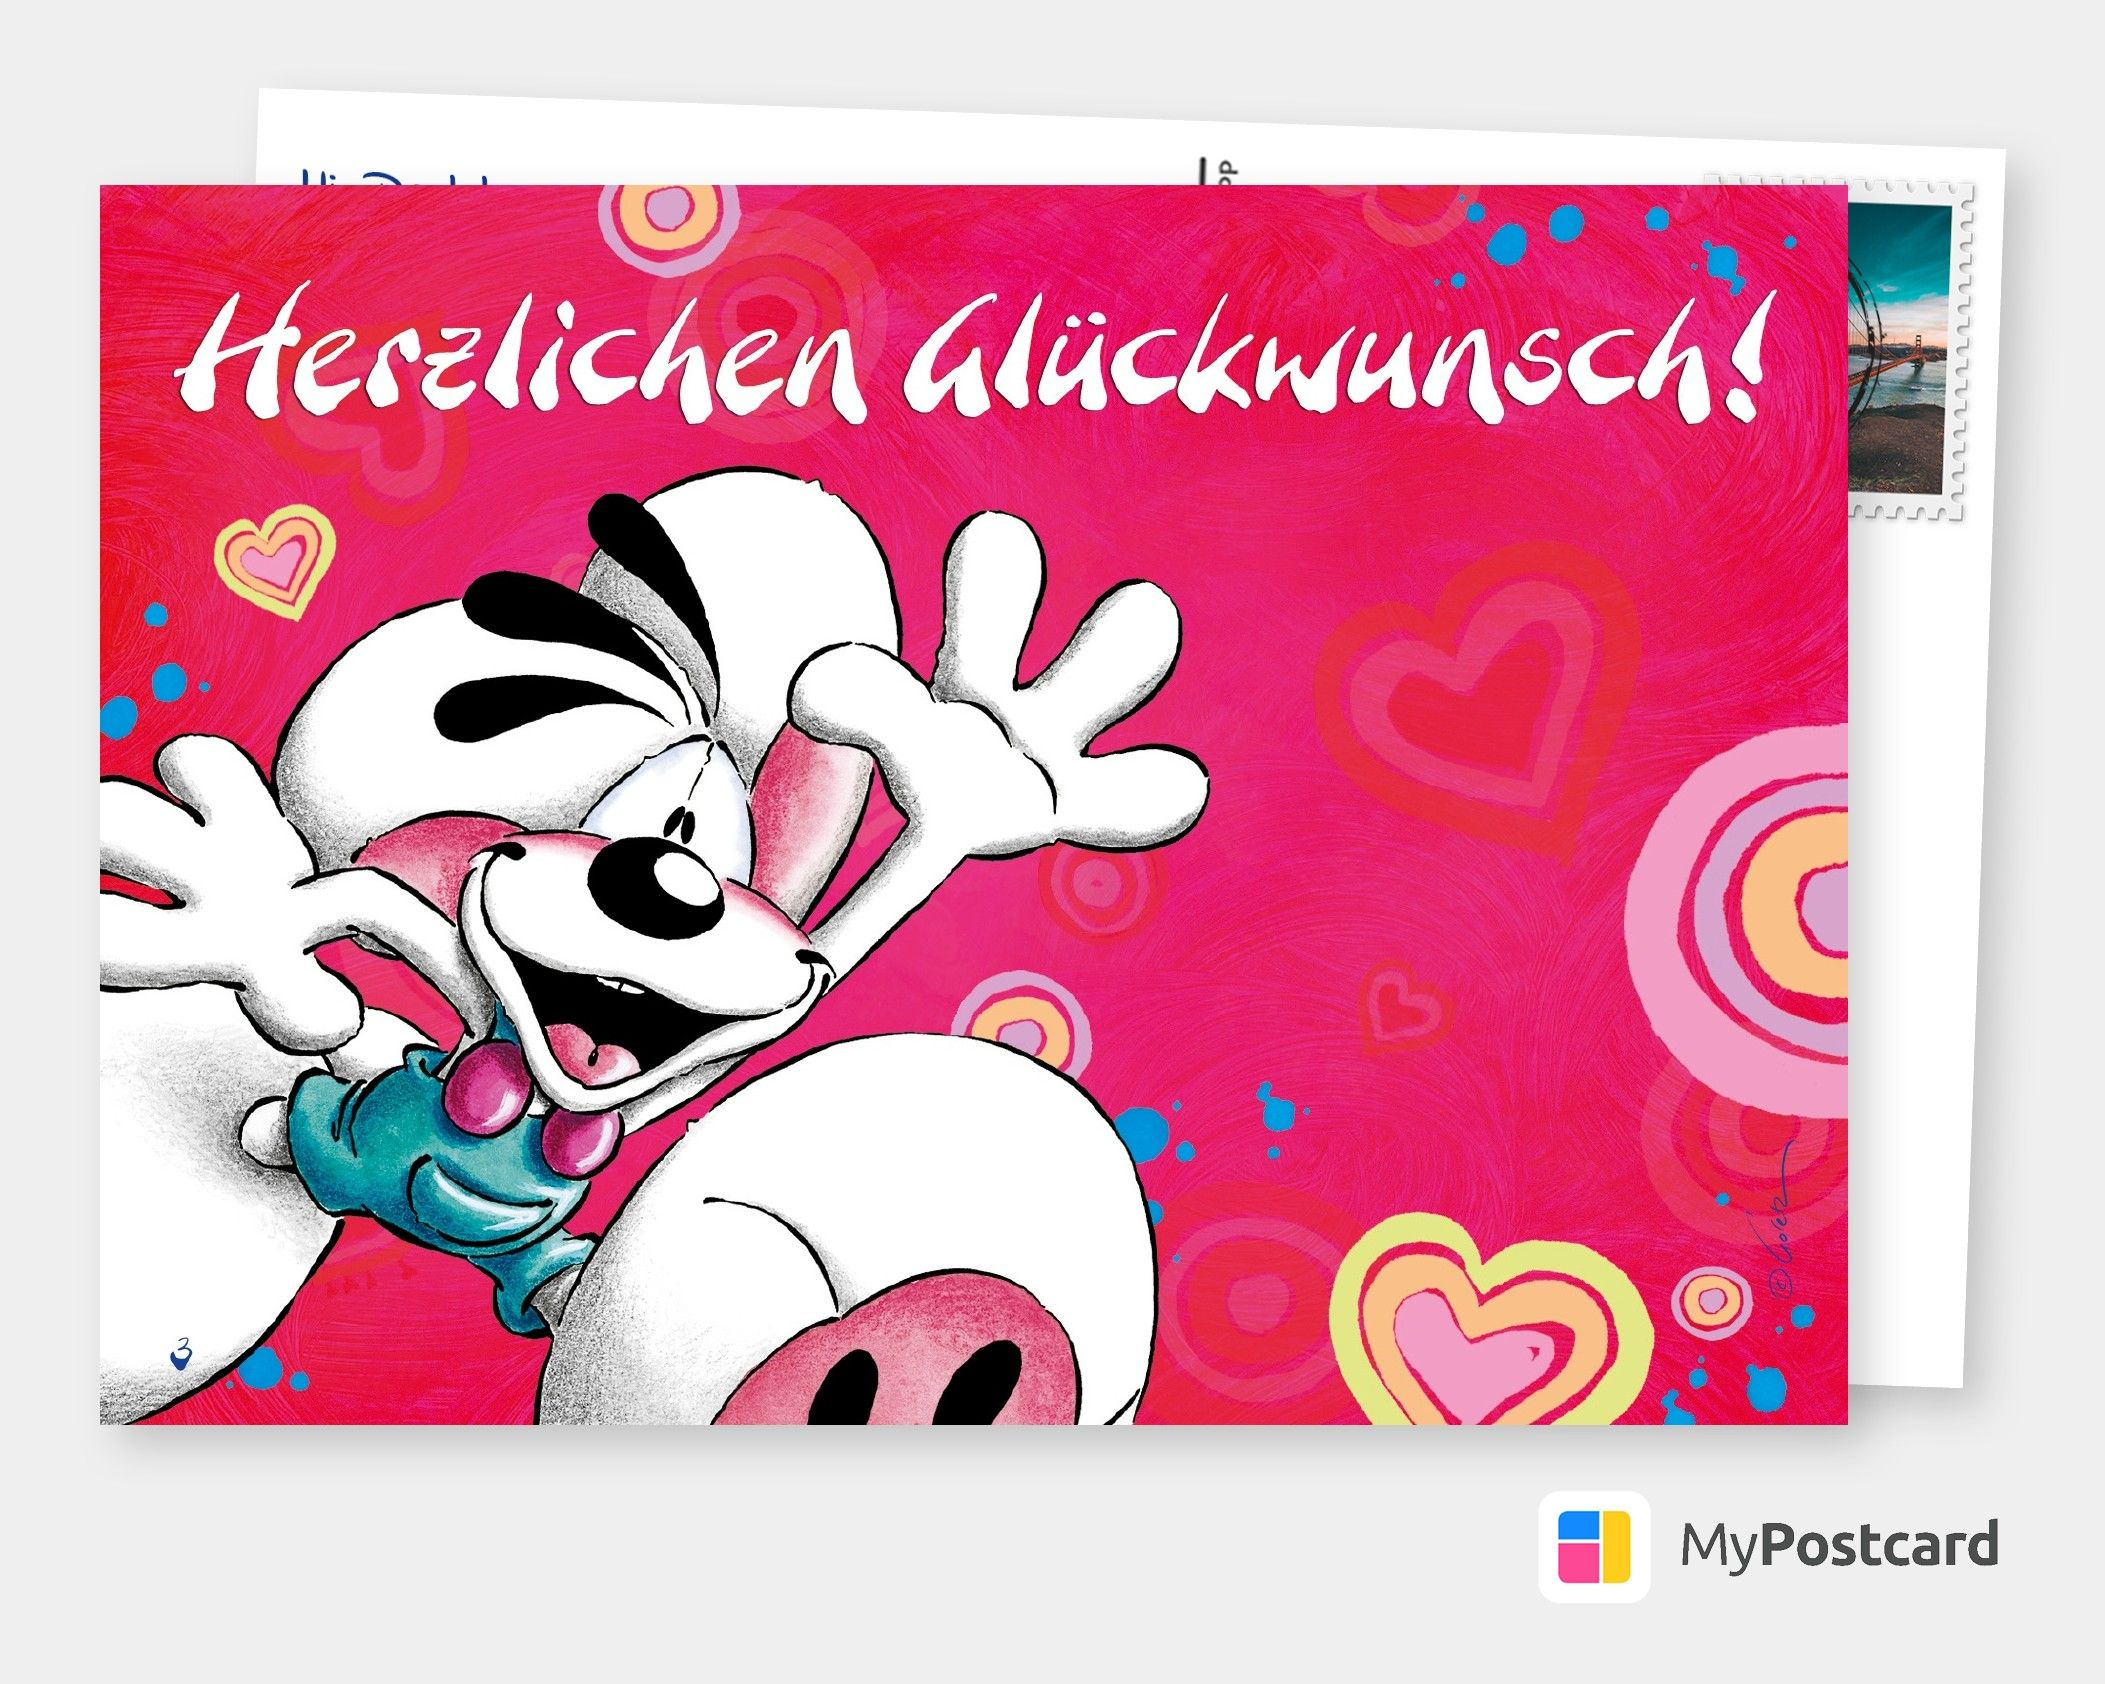 Herzlichen Gluckwunsch Comic Cartoons Echte Postkarten